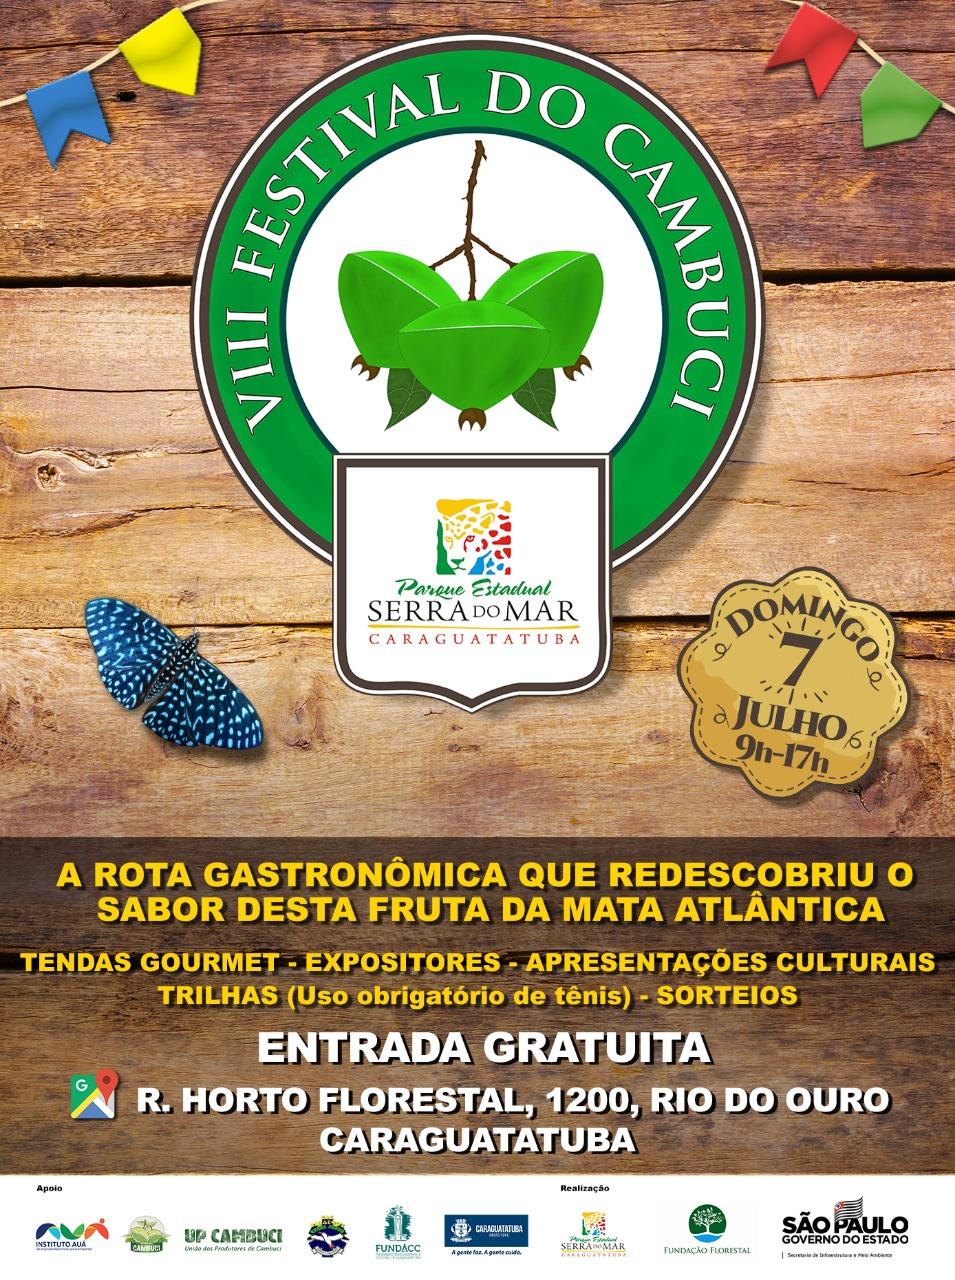 PESM realiza VIII Festival Gastronômico do Cambuci com diversas atrações e trilha gratuita para comunidade